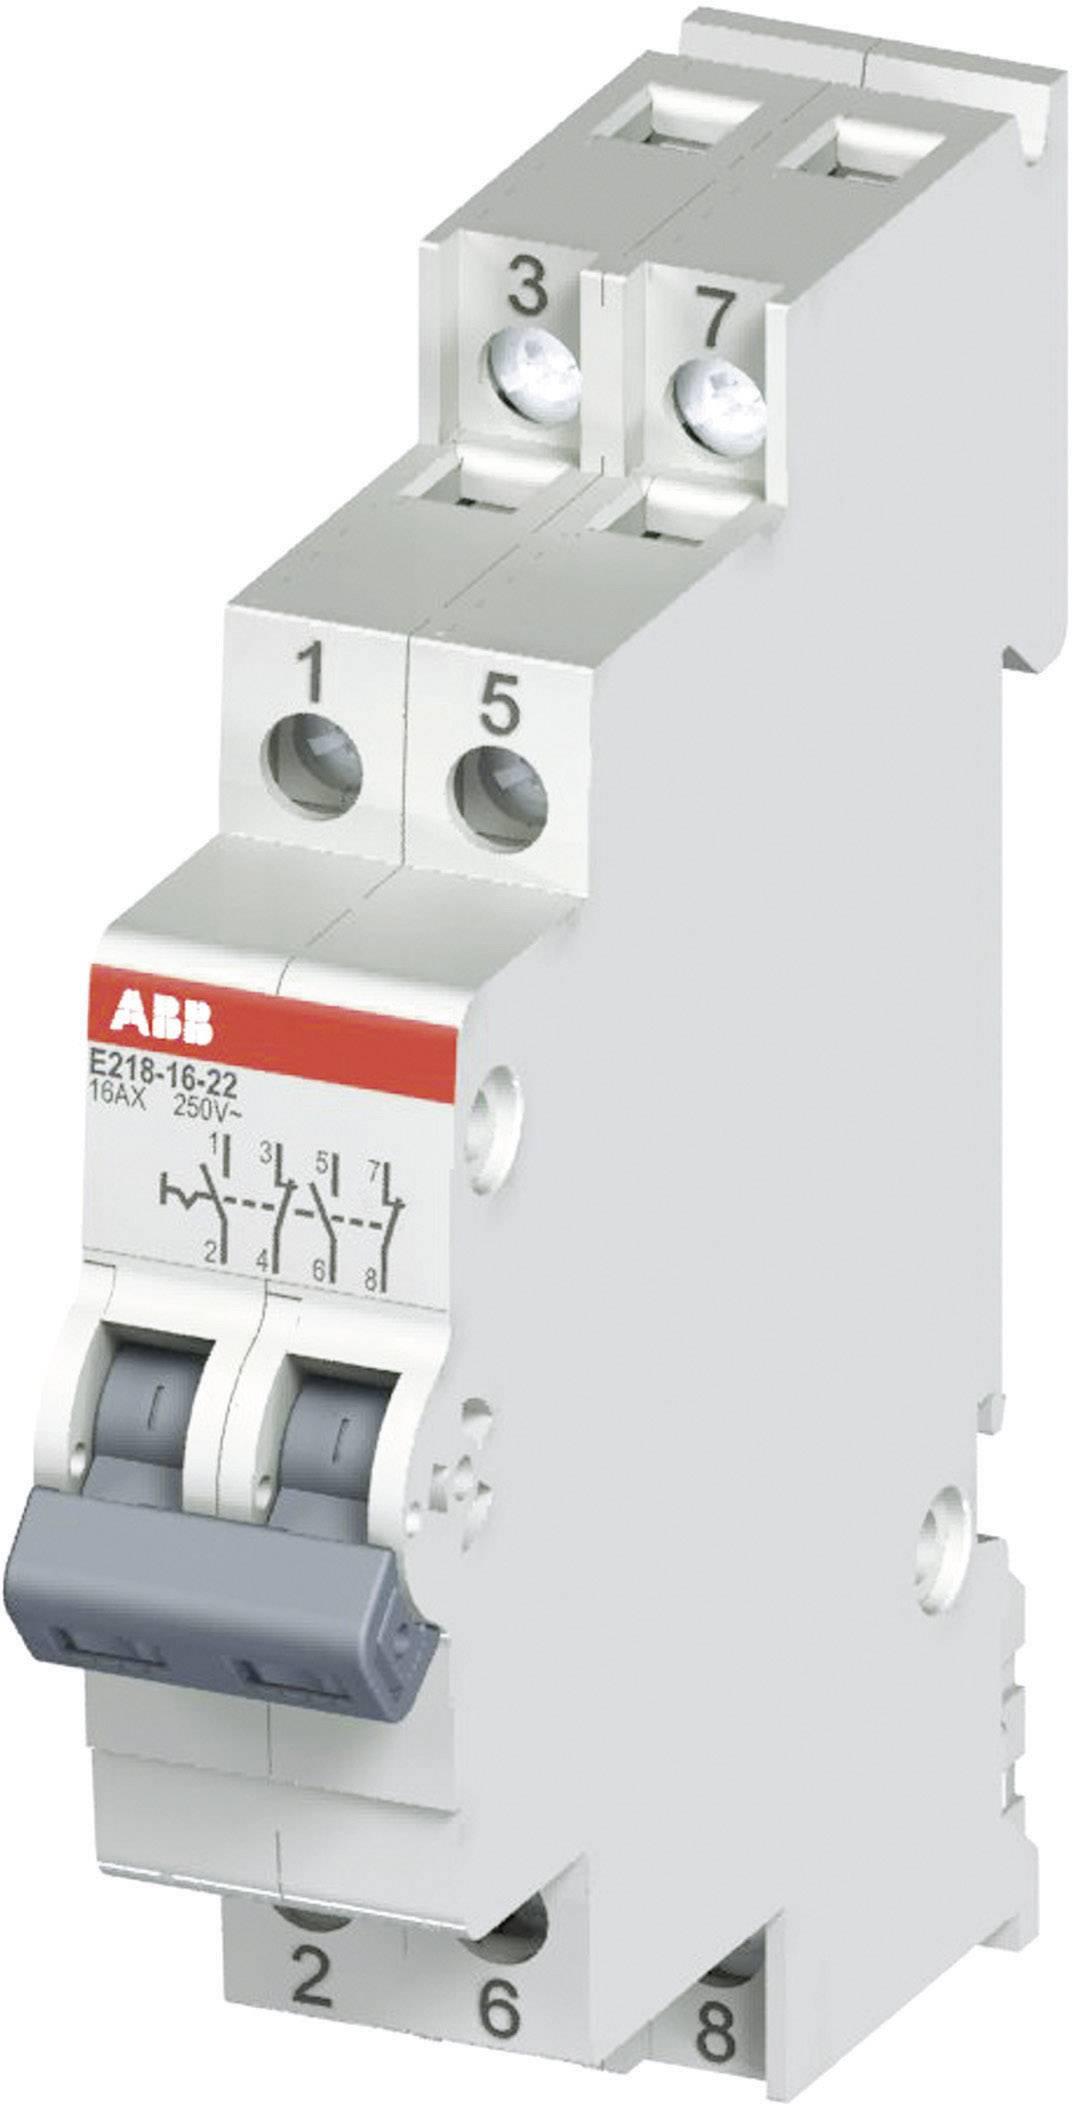 Prepínač ABB E218 16A-22, 16 A, 250 V, 2NO + 2NC, 2CCA703060R0001